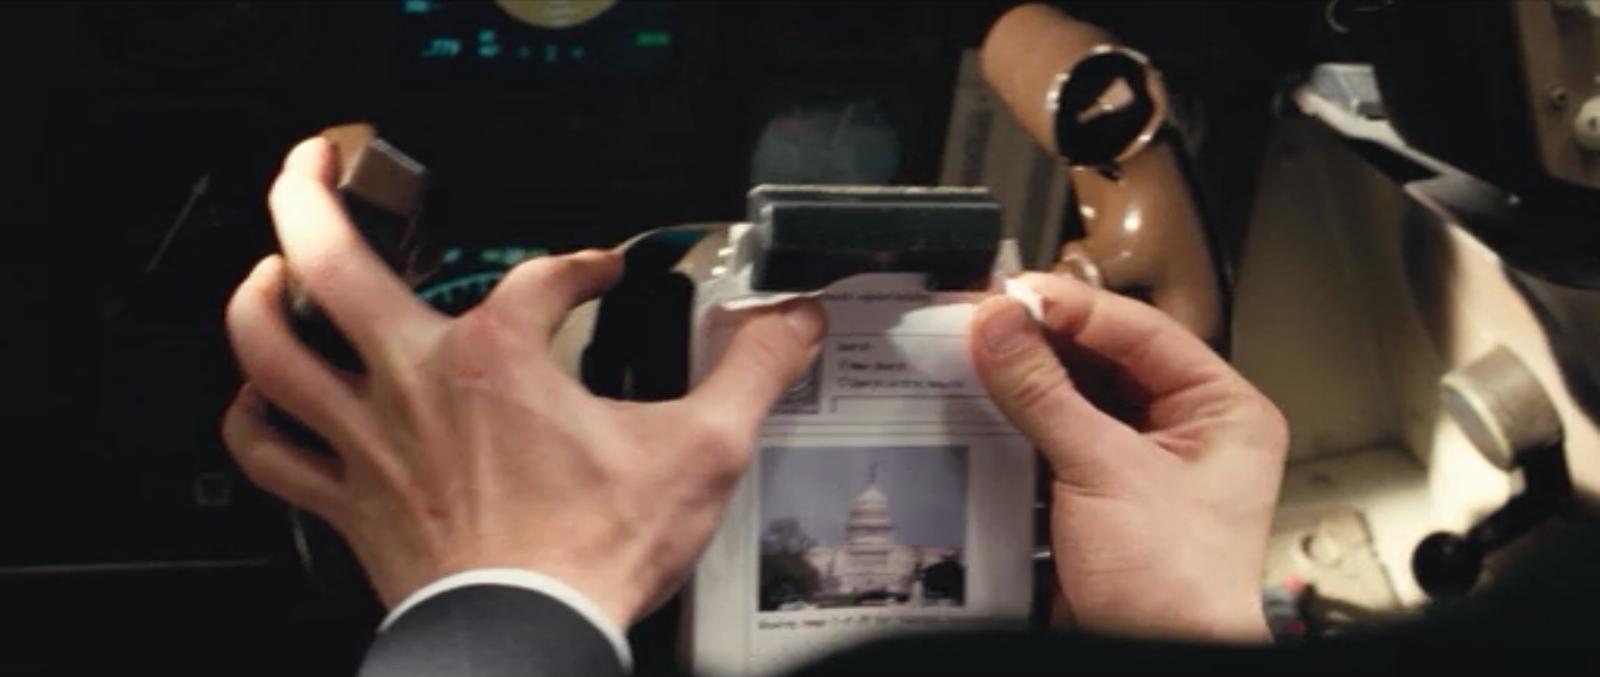 Review: United 93 (2006) | Bill's Movie Emporium